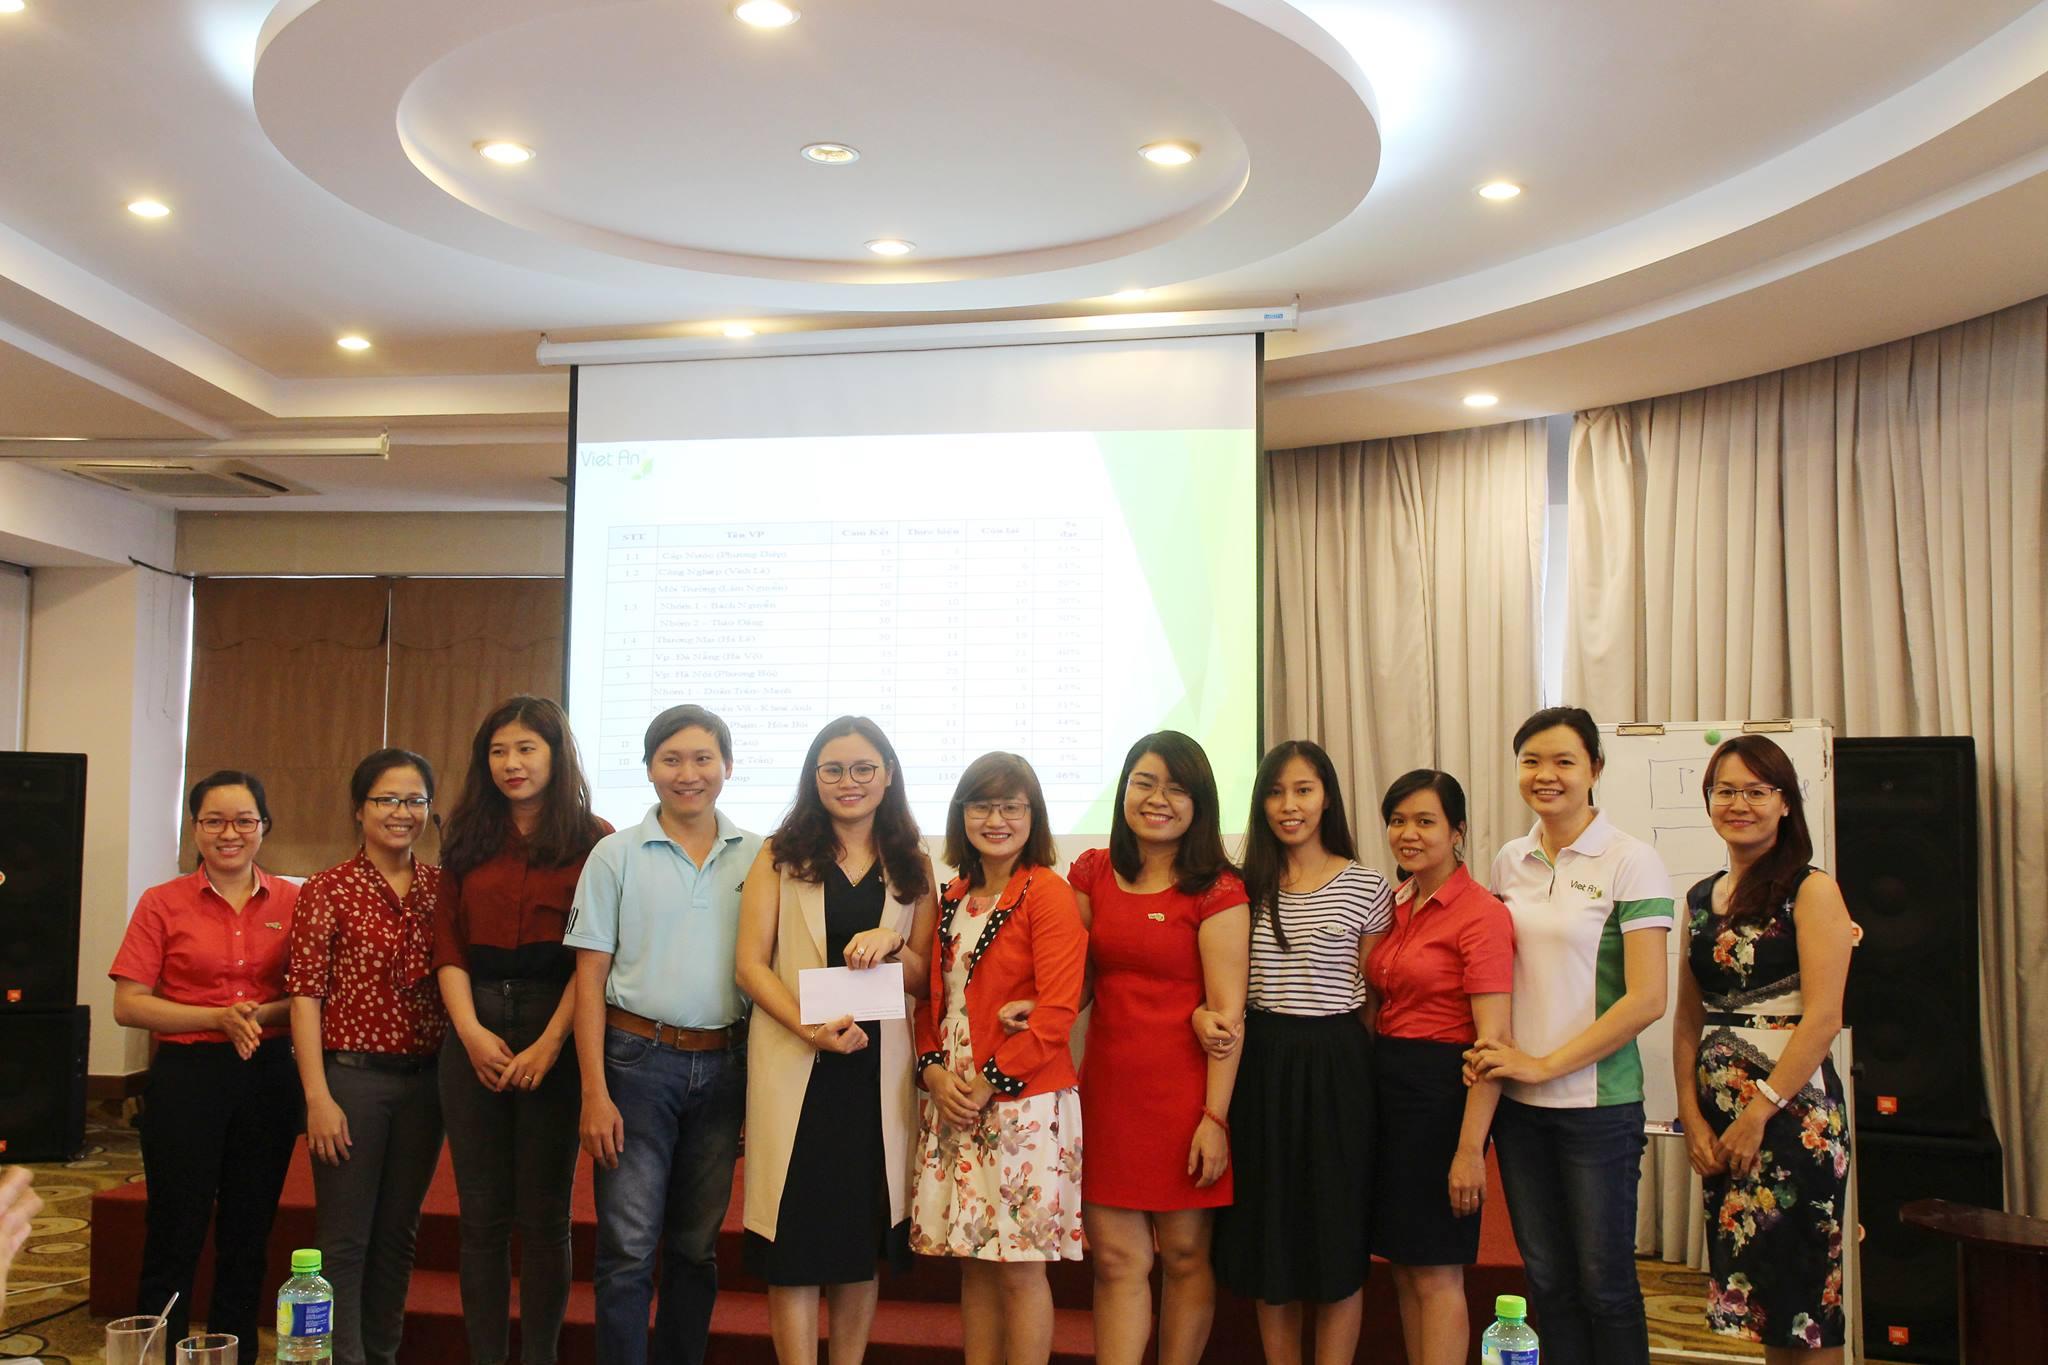 Trao giải thưởng phòng ban hỗ trợ xuất sắc 6 tháng đầu năm.